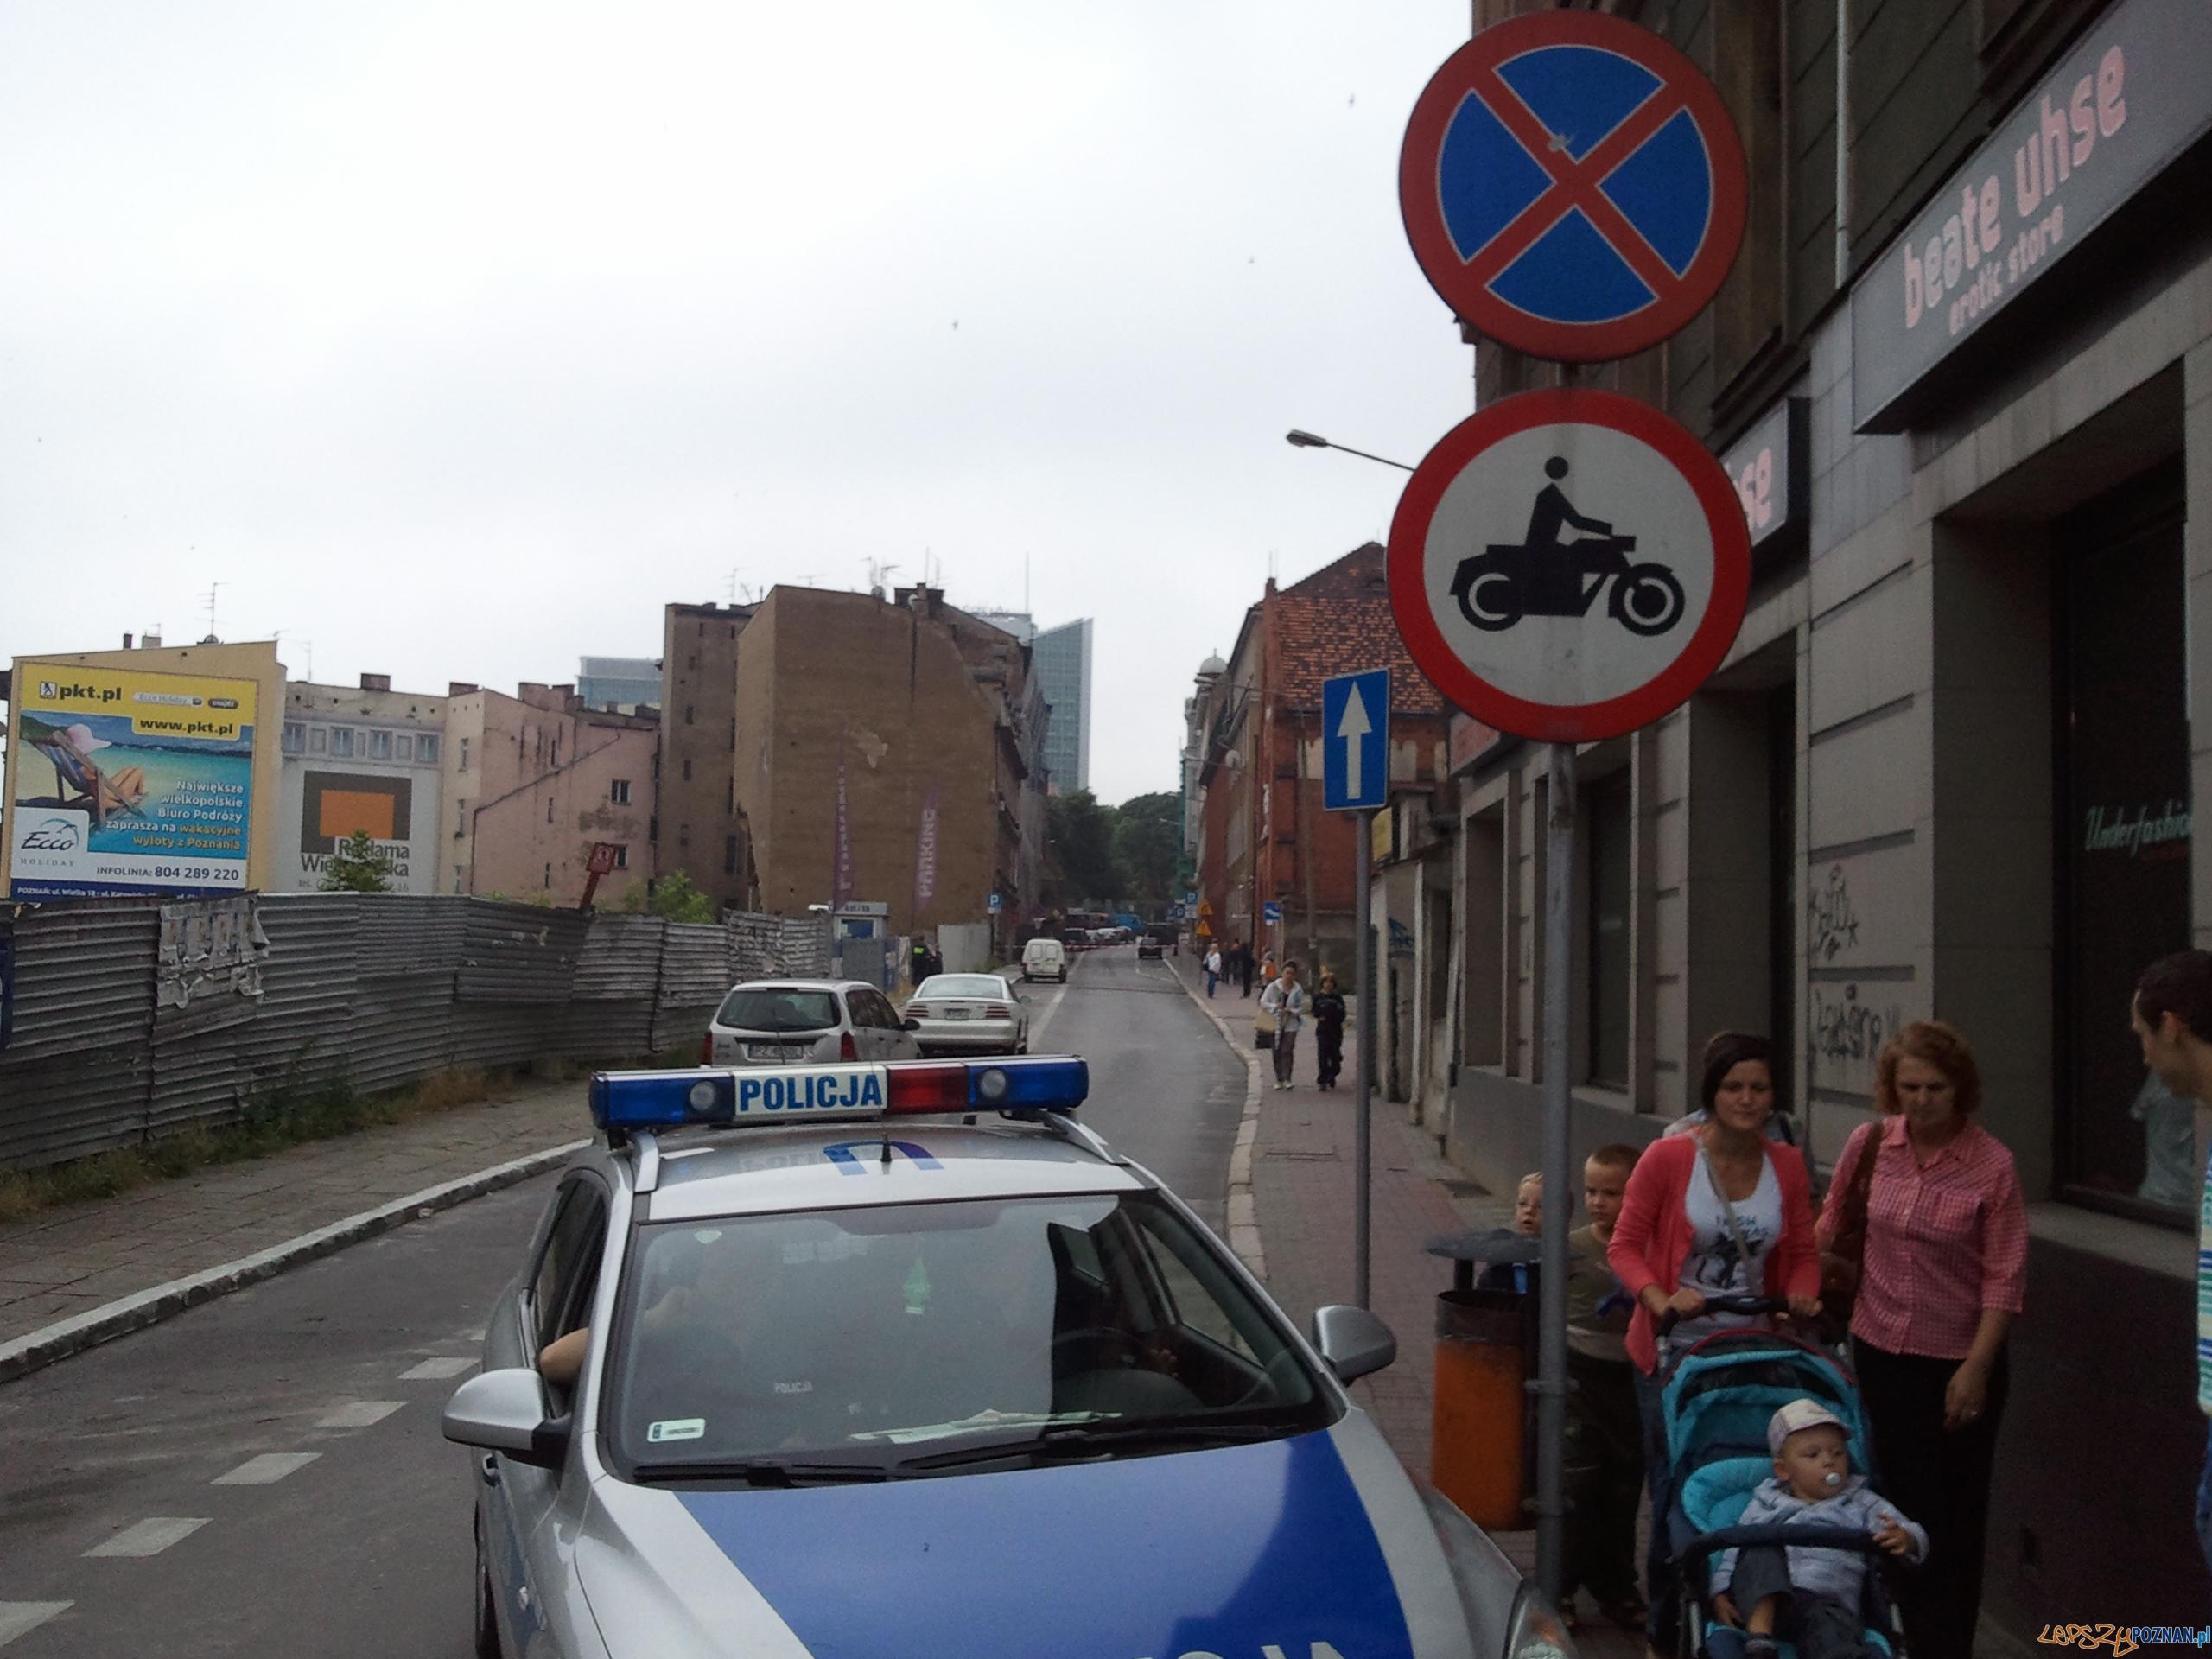 Zamieszanie na Krysiewicza  Foto: lepszyPOZNAN.pl / gsm